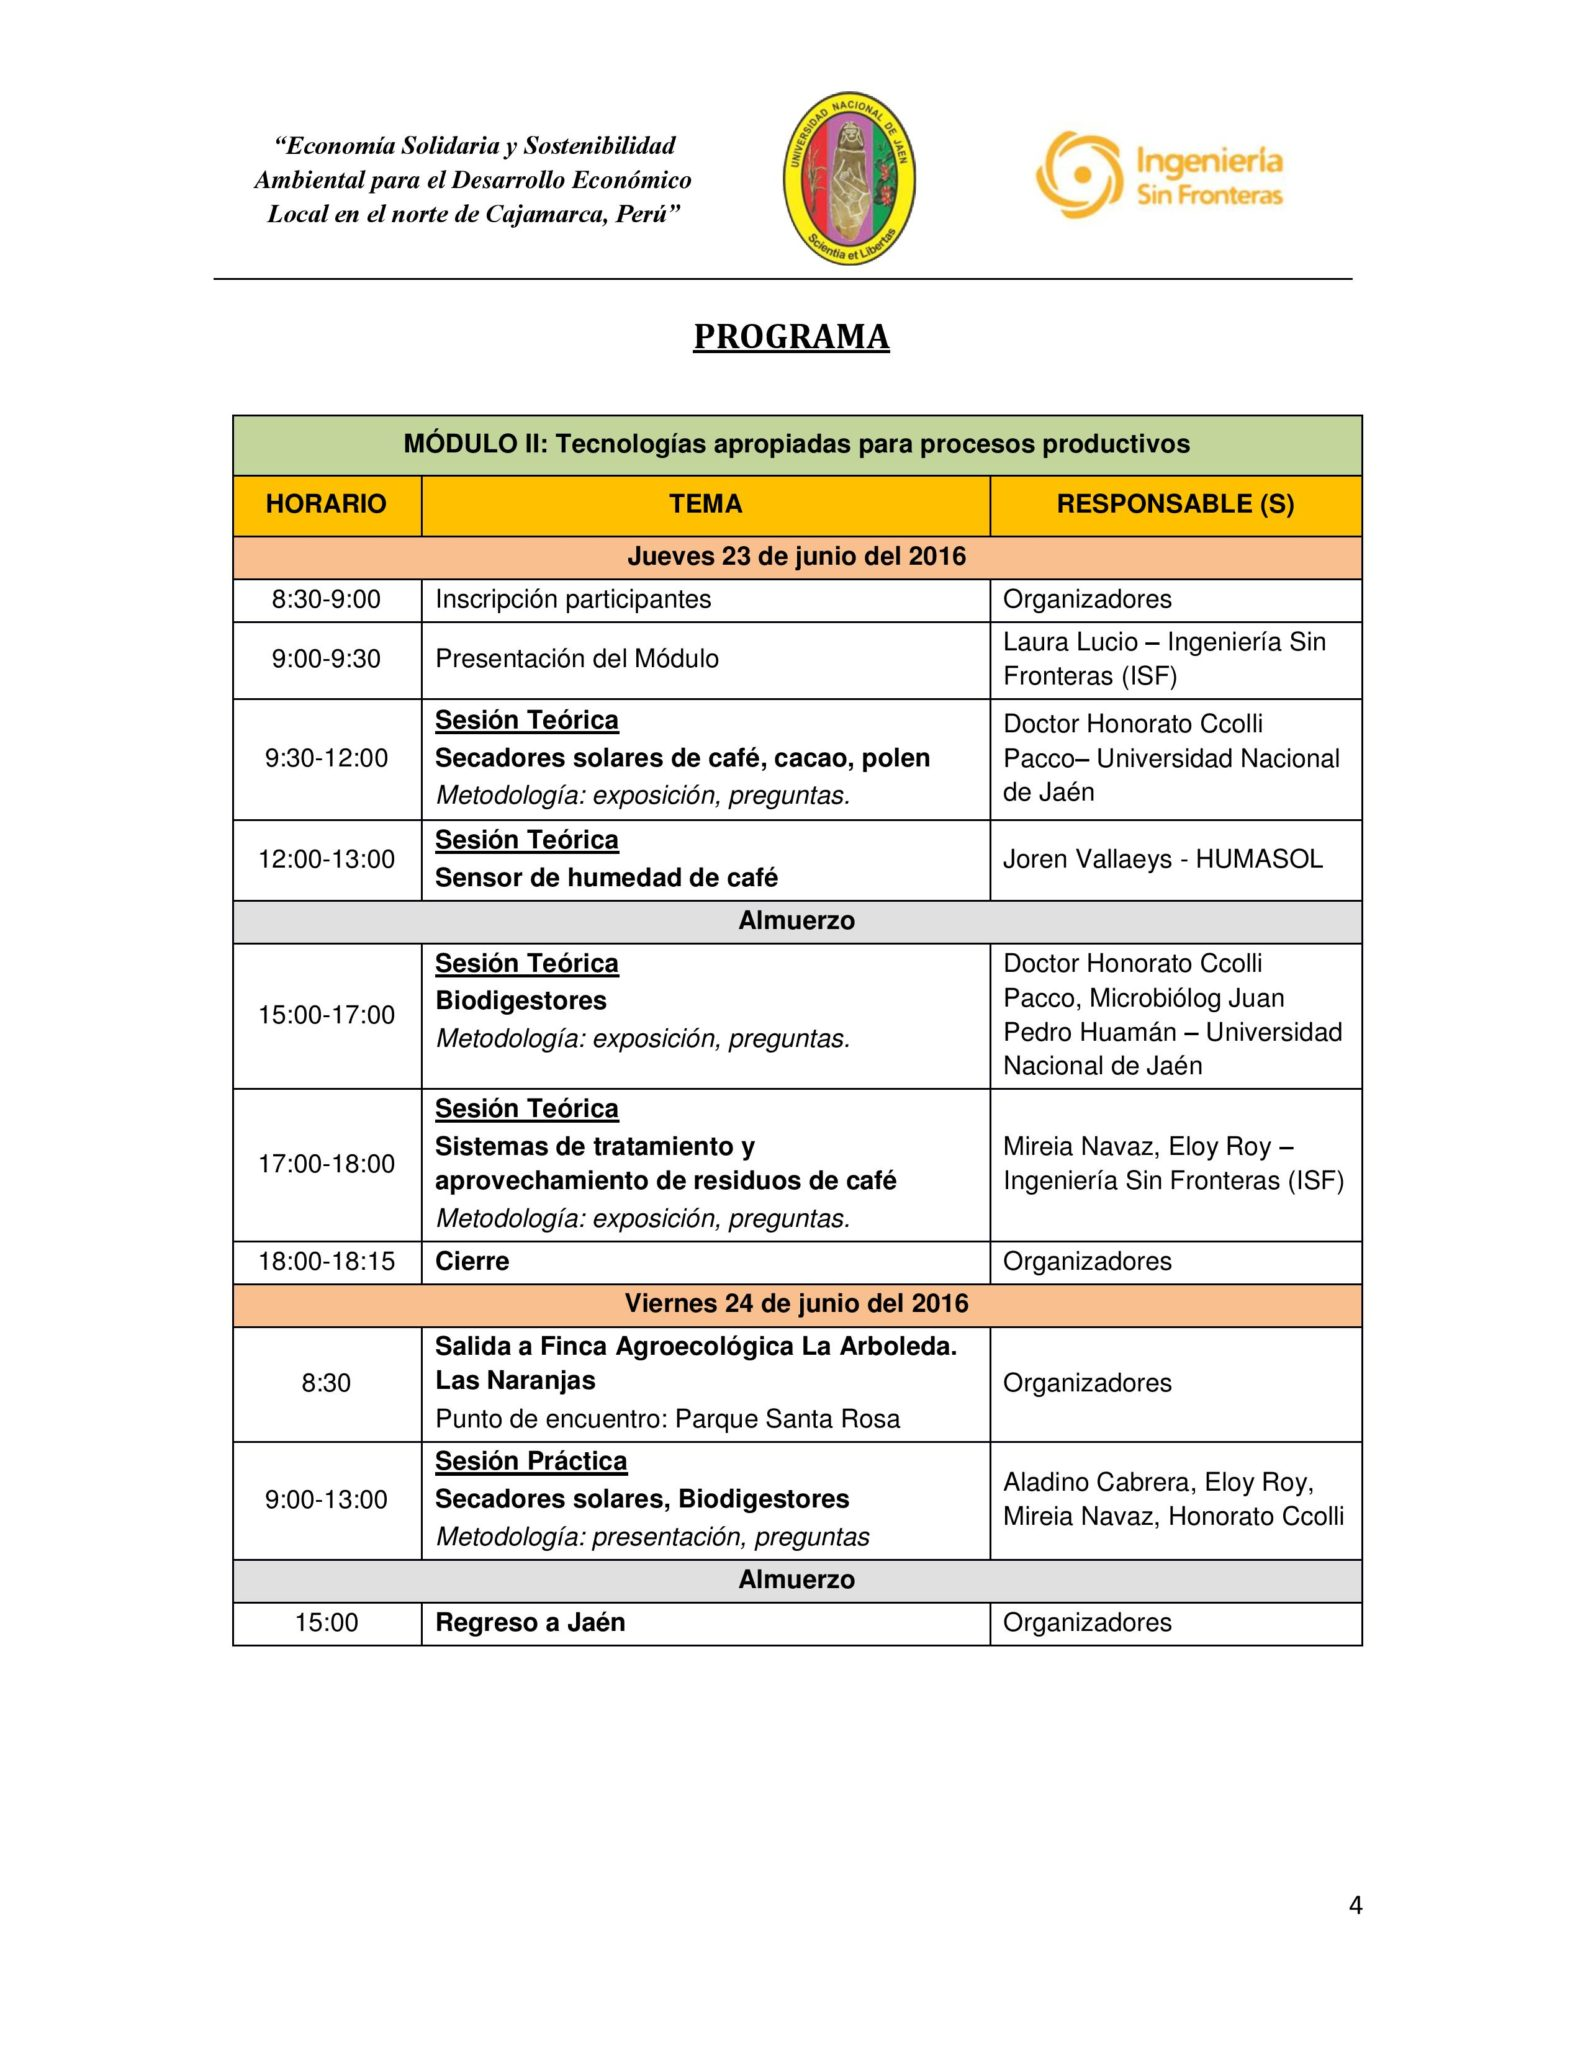 Propuesta de capacitación en tecnologías apropiadas [6485]-page-001